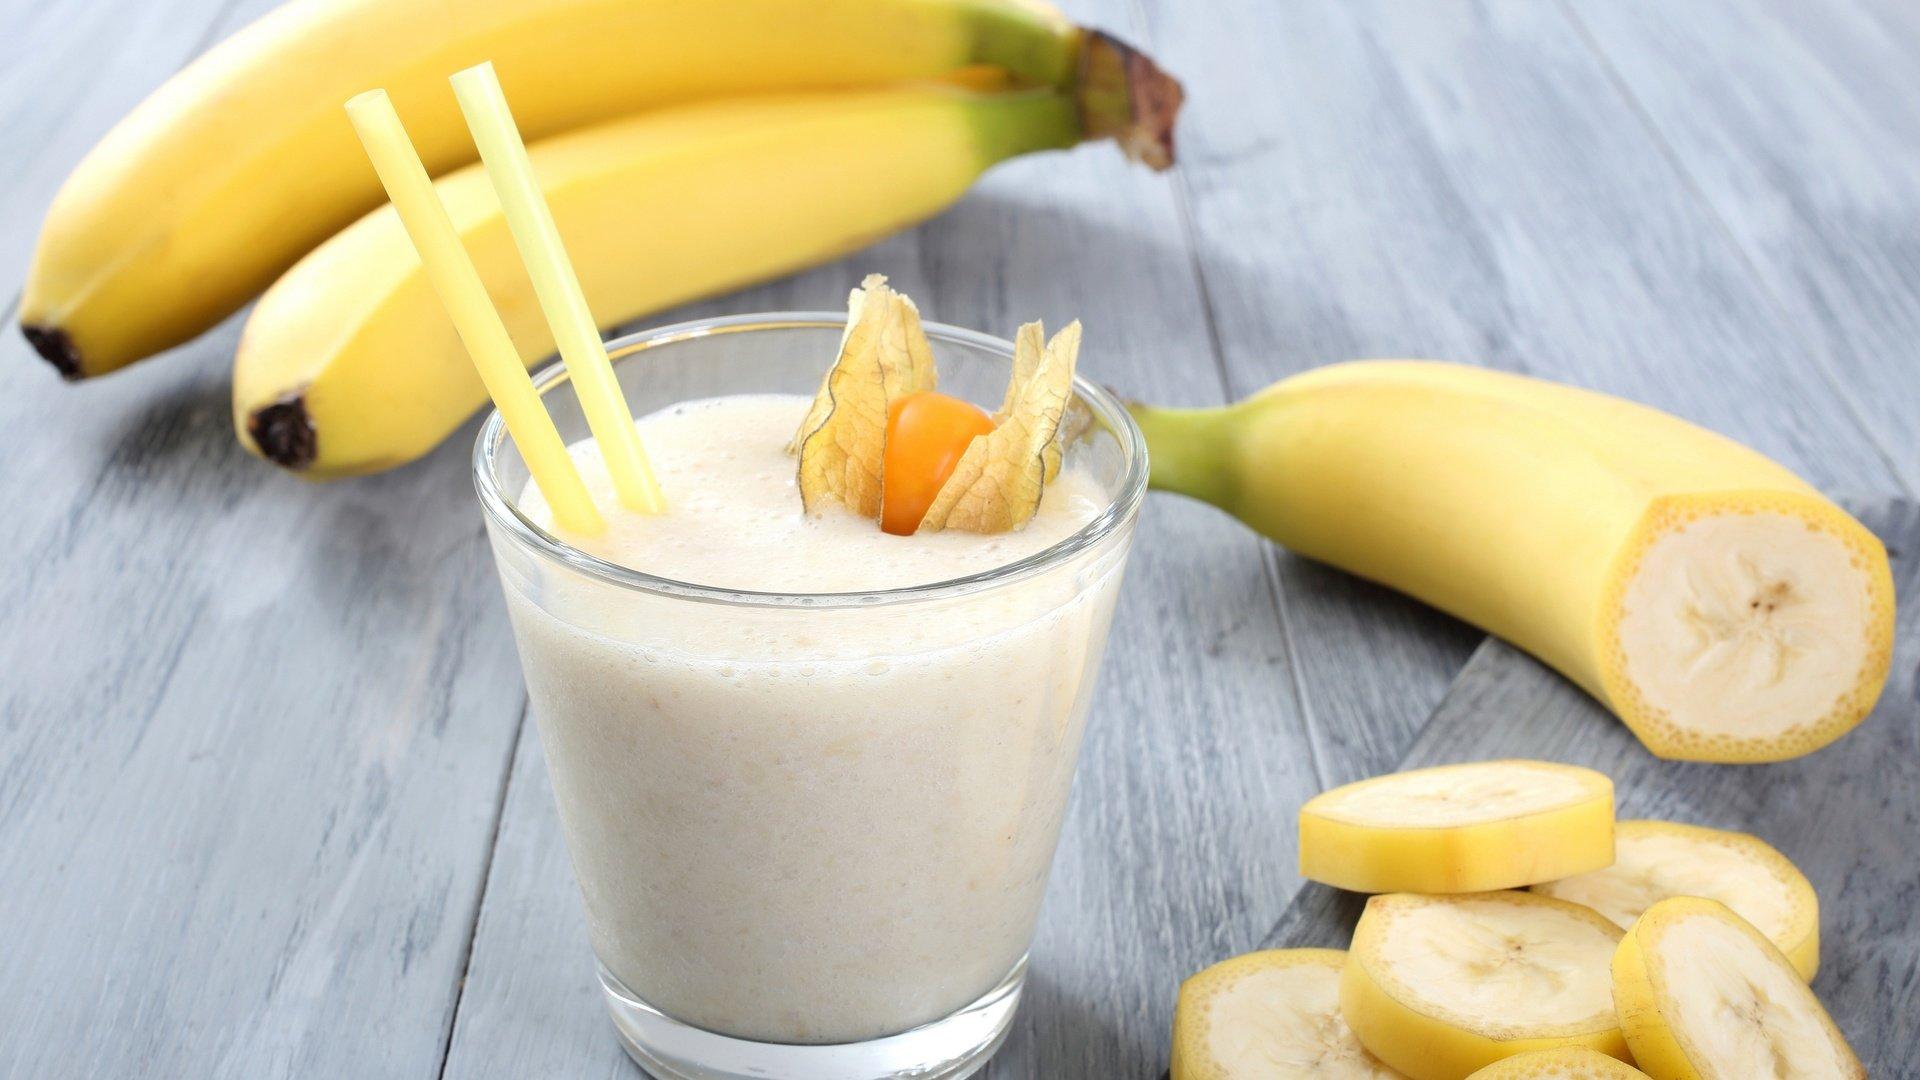 Бананова Йогуртовая Диета. Банановая диета для похудения — отзывы, меню на 3 и 7 дней, рецепты диетических блюд